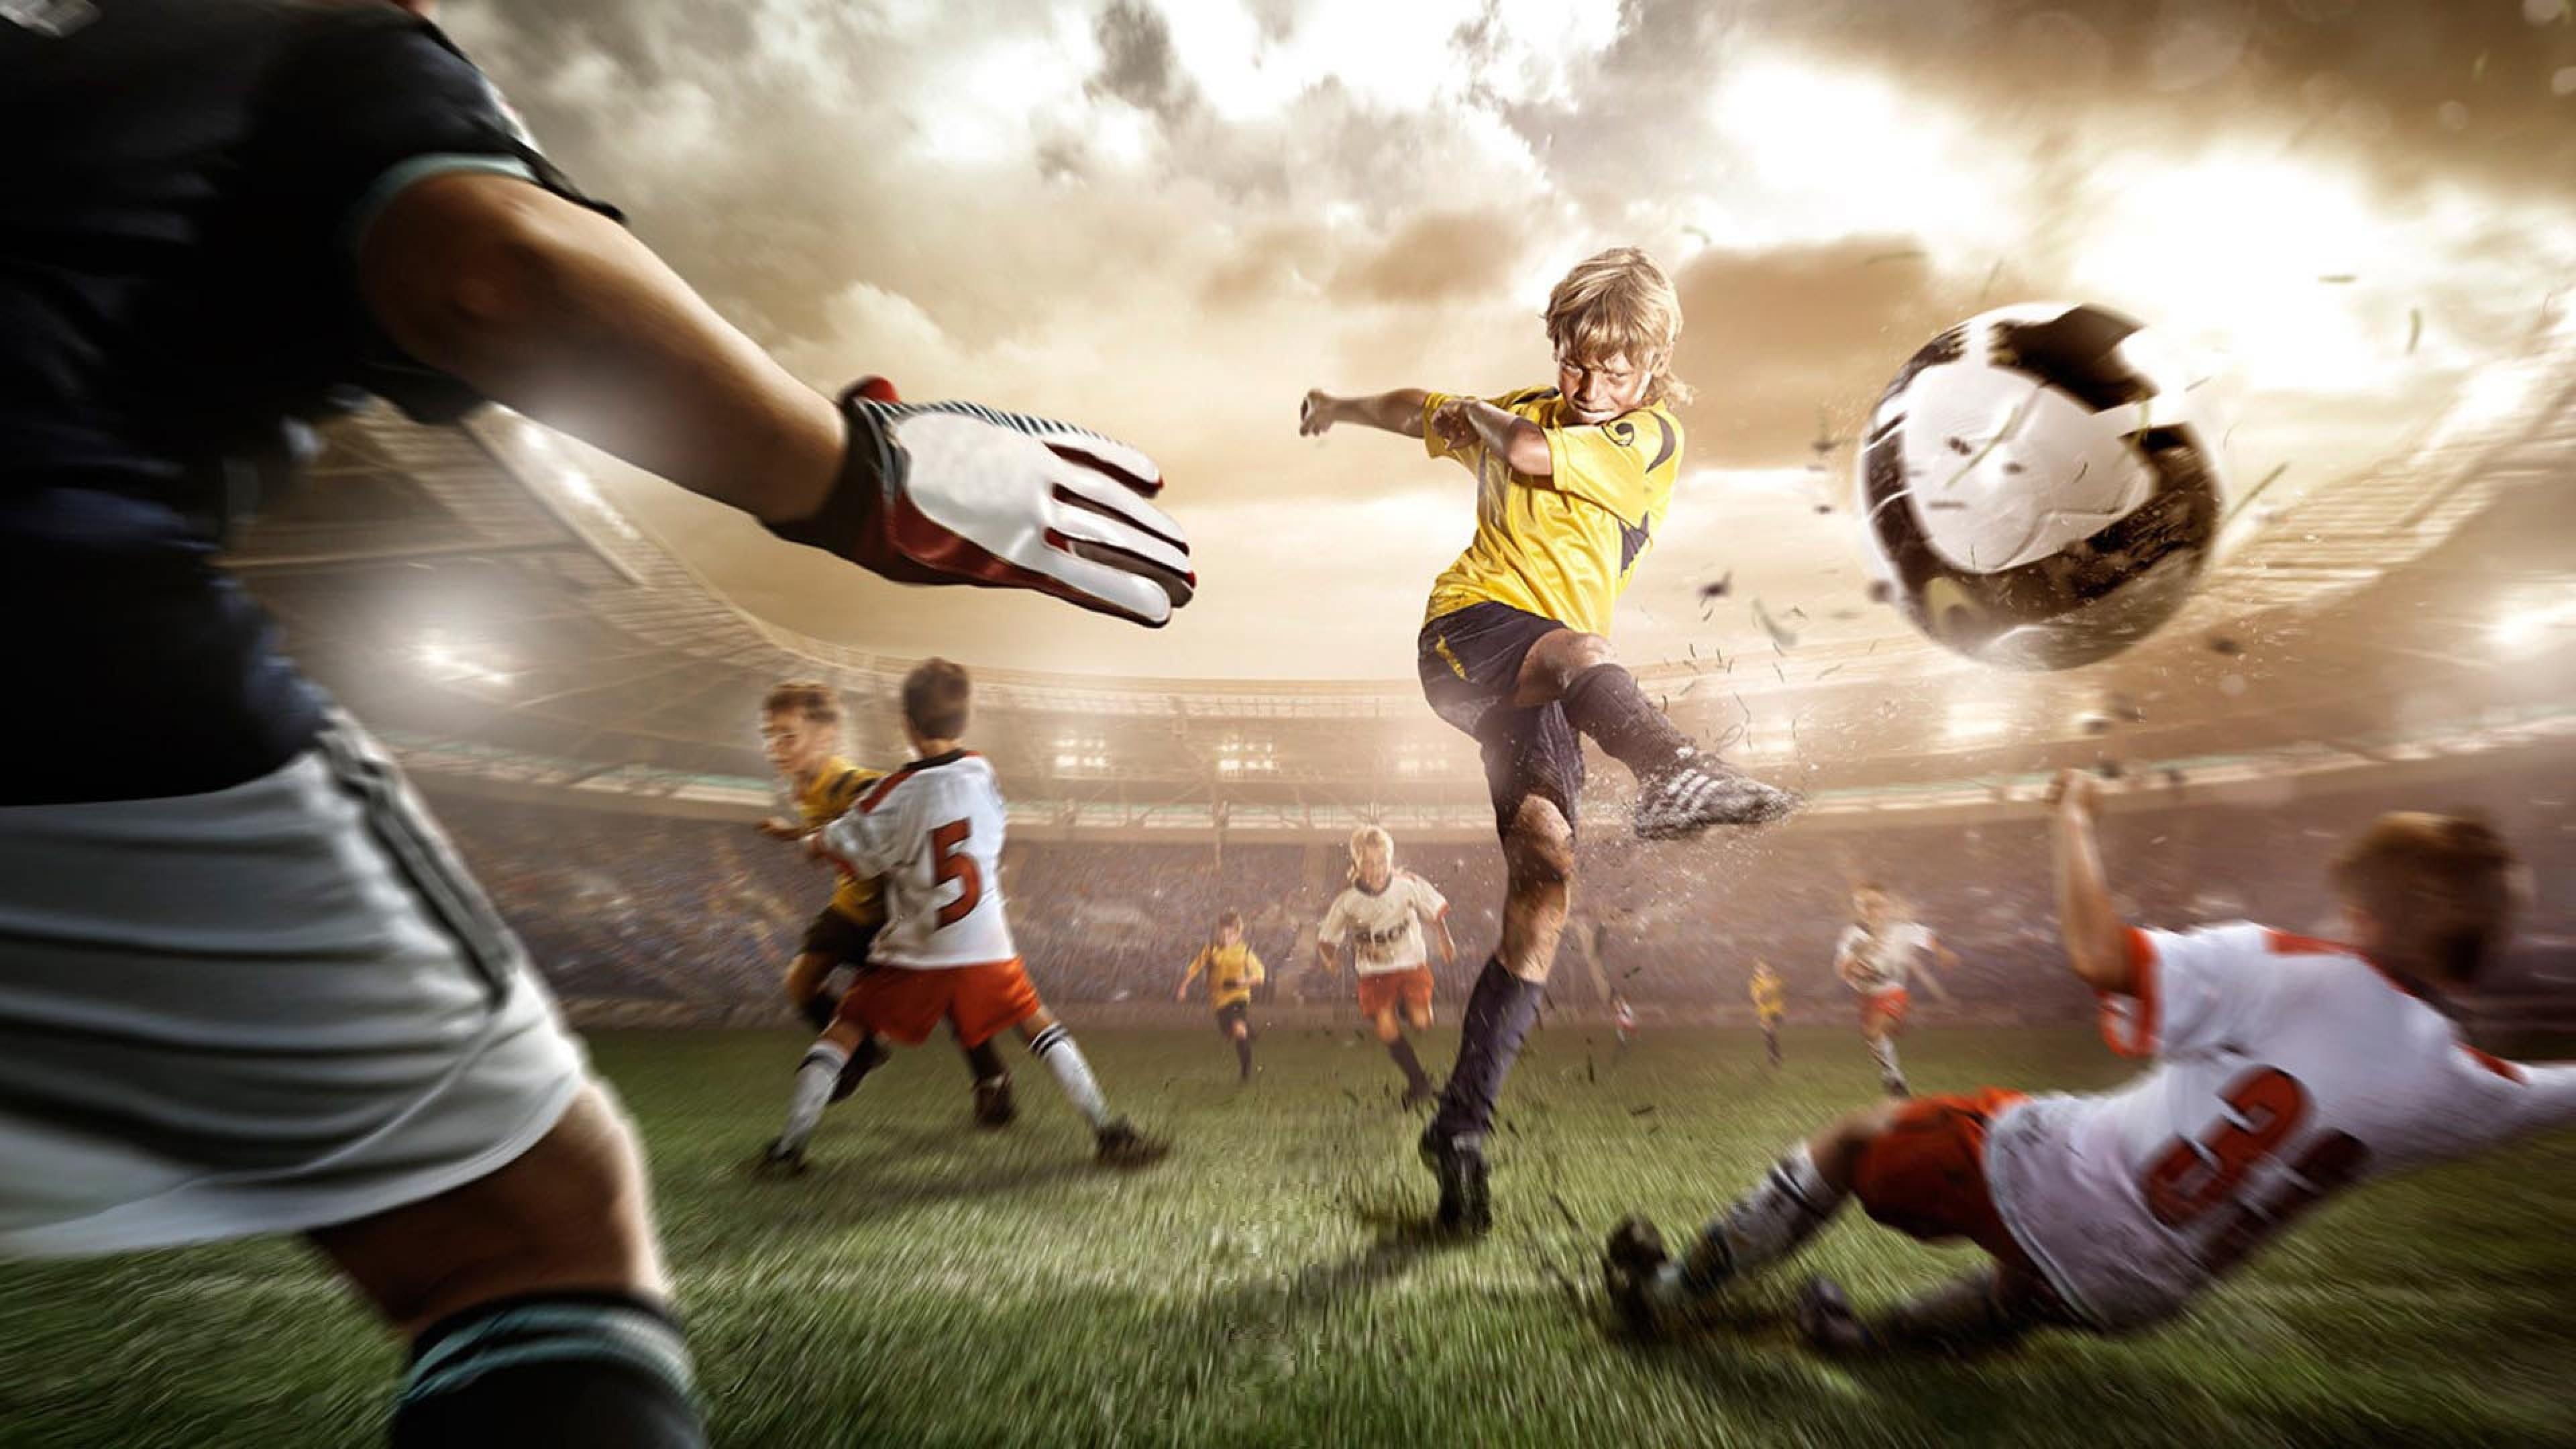 Заставки на комп футбол 5